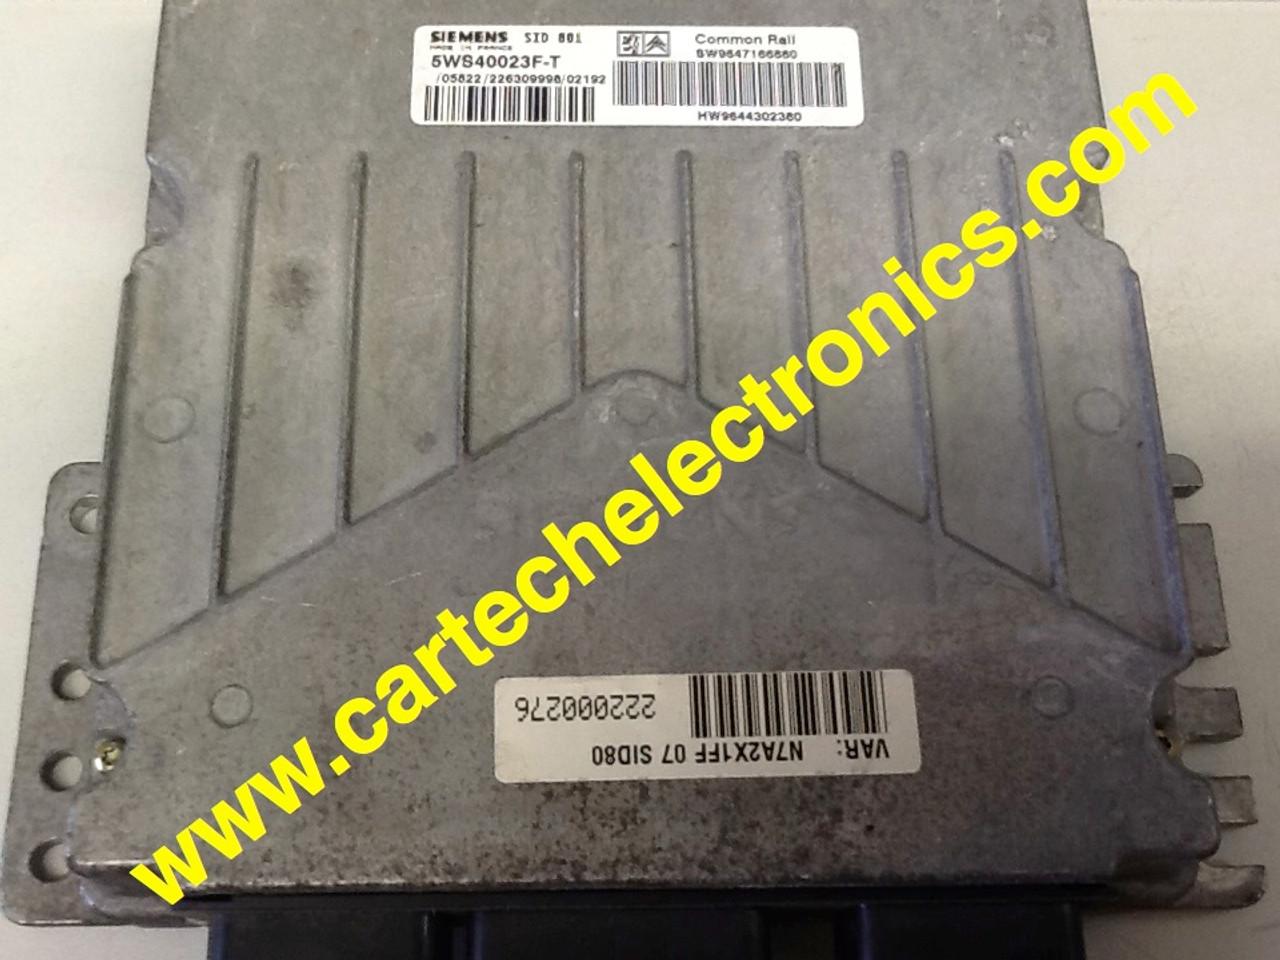 Plug & Play Engine ECU SIEMENS SID 801 5WS40023F-T SW9647166880 HW9644302380